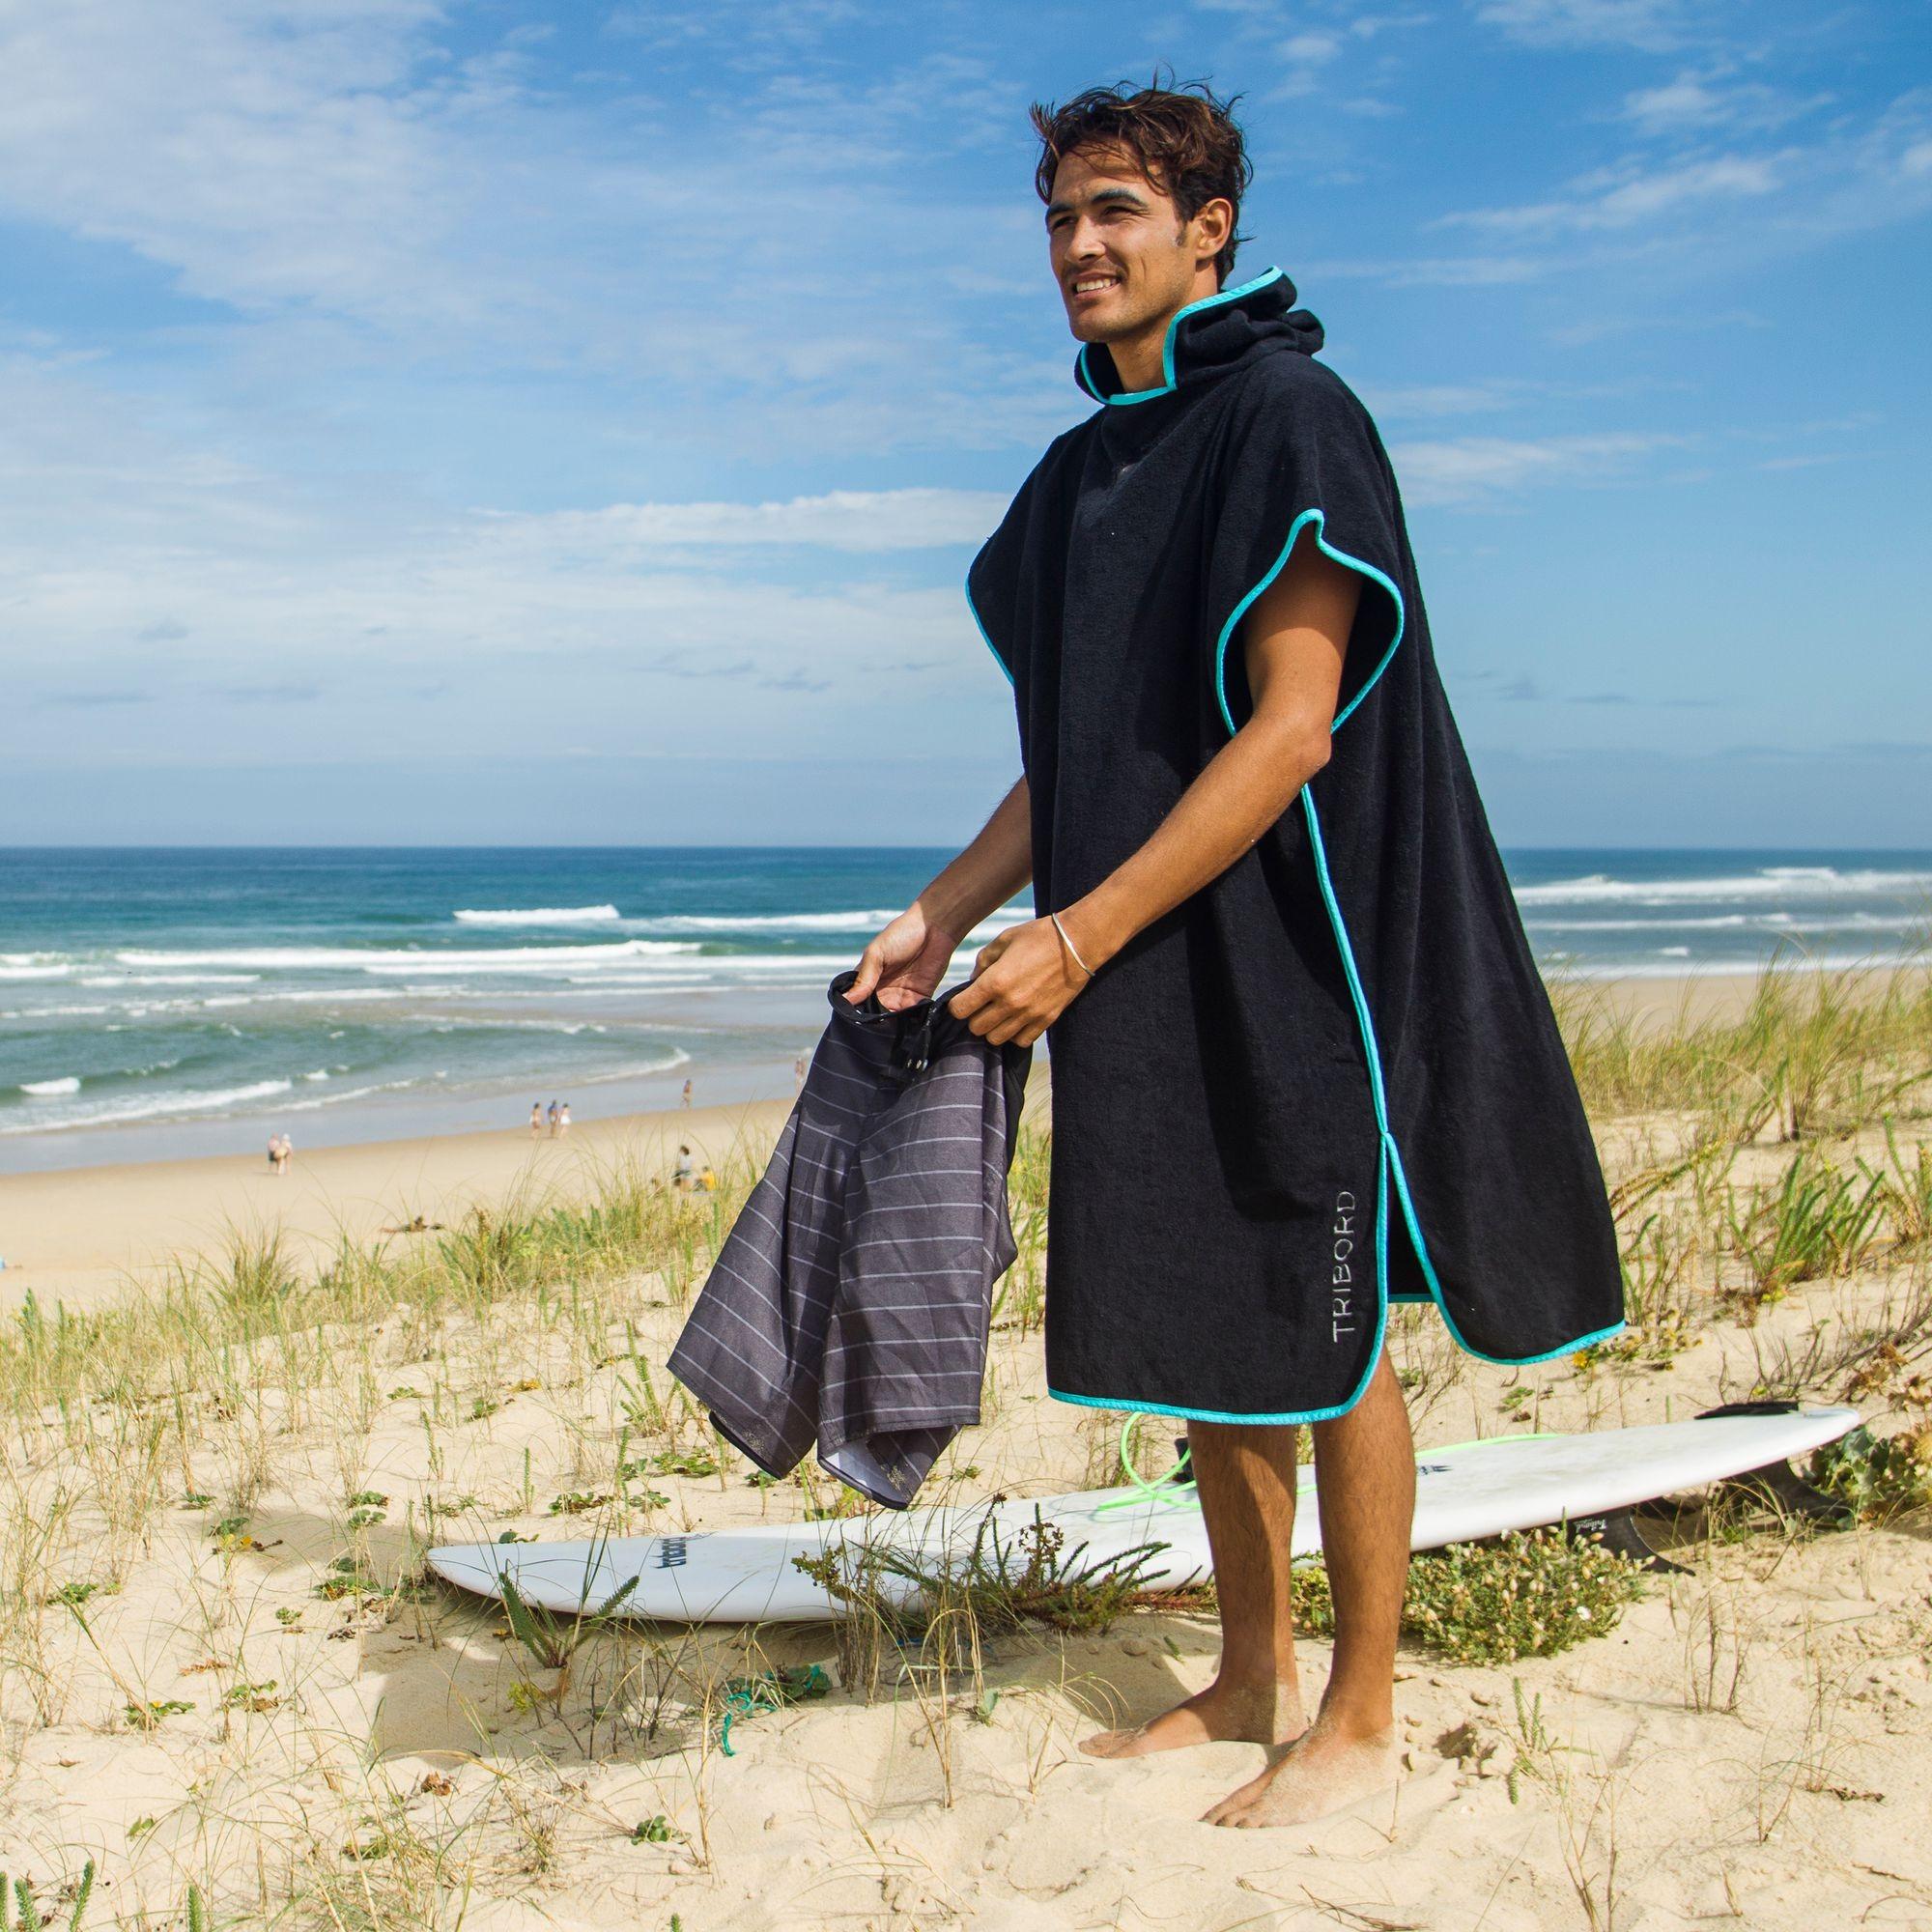 迪卡侬 Tribord海滩冲浪游泳全纯棉吸水毛巾浴巾浴袍换衣斗篷